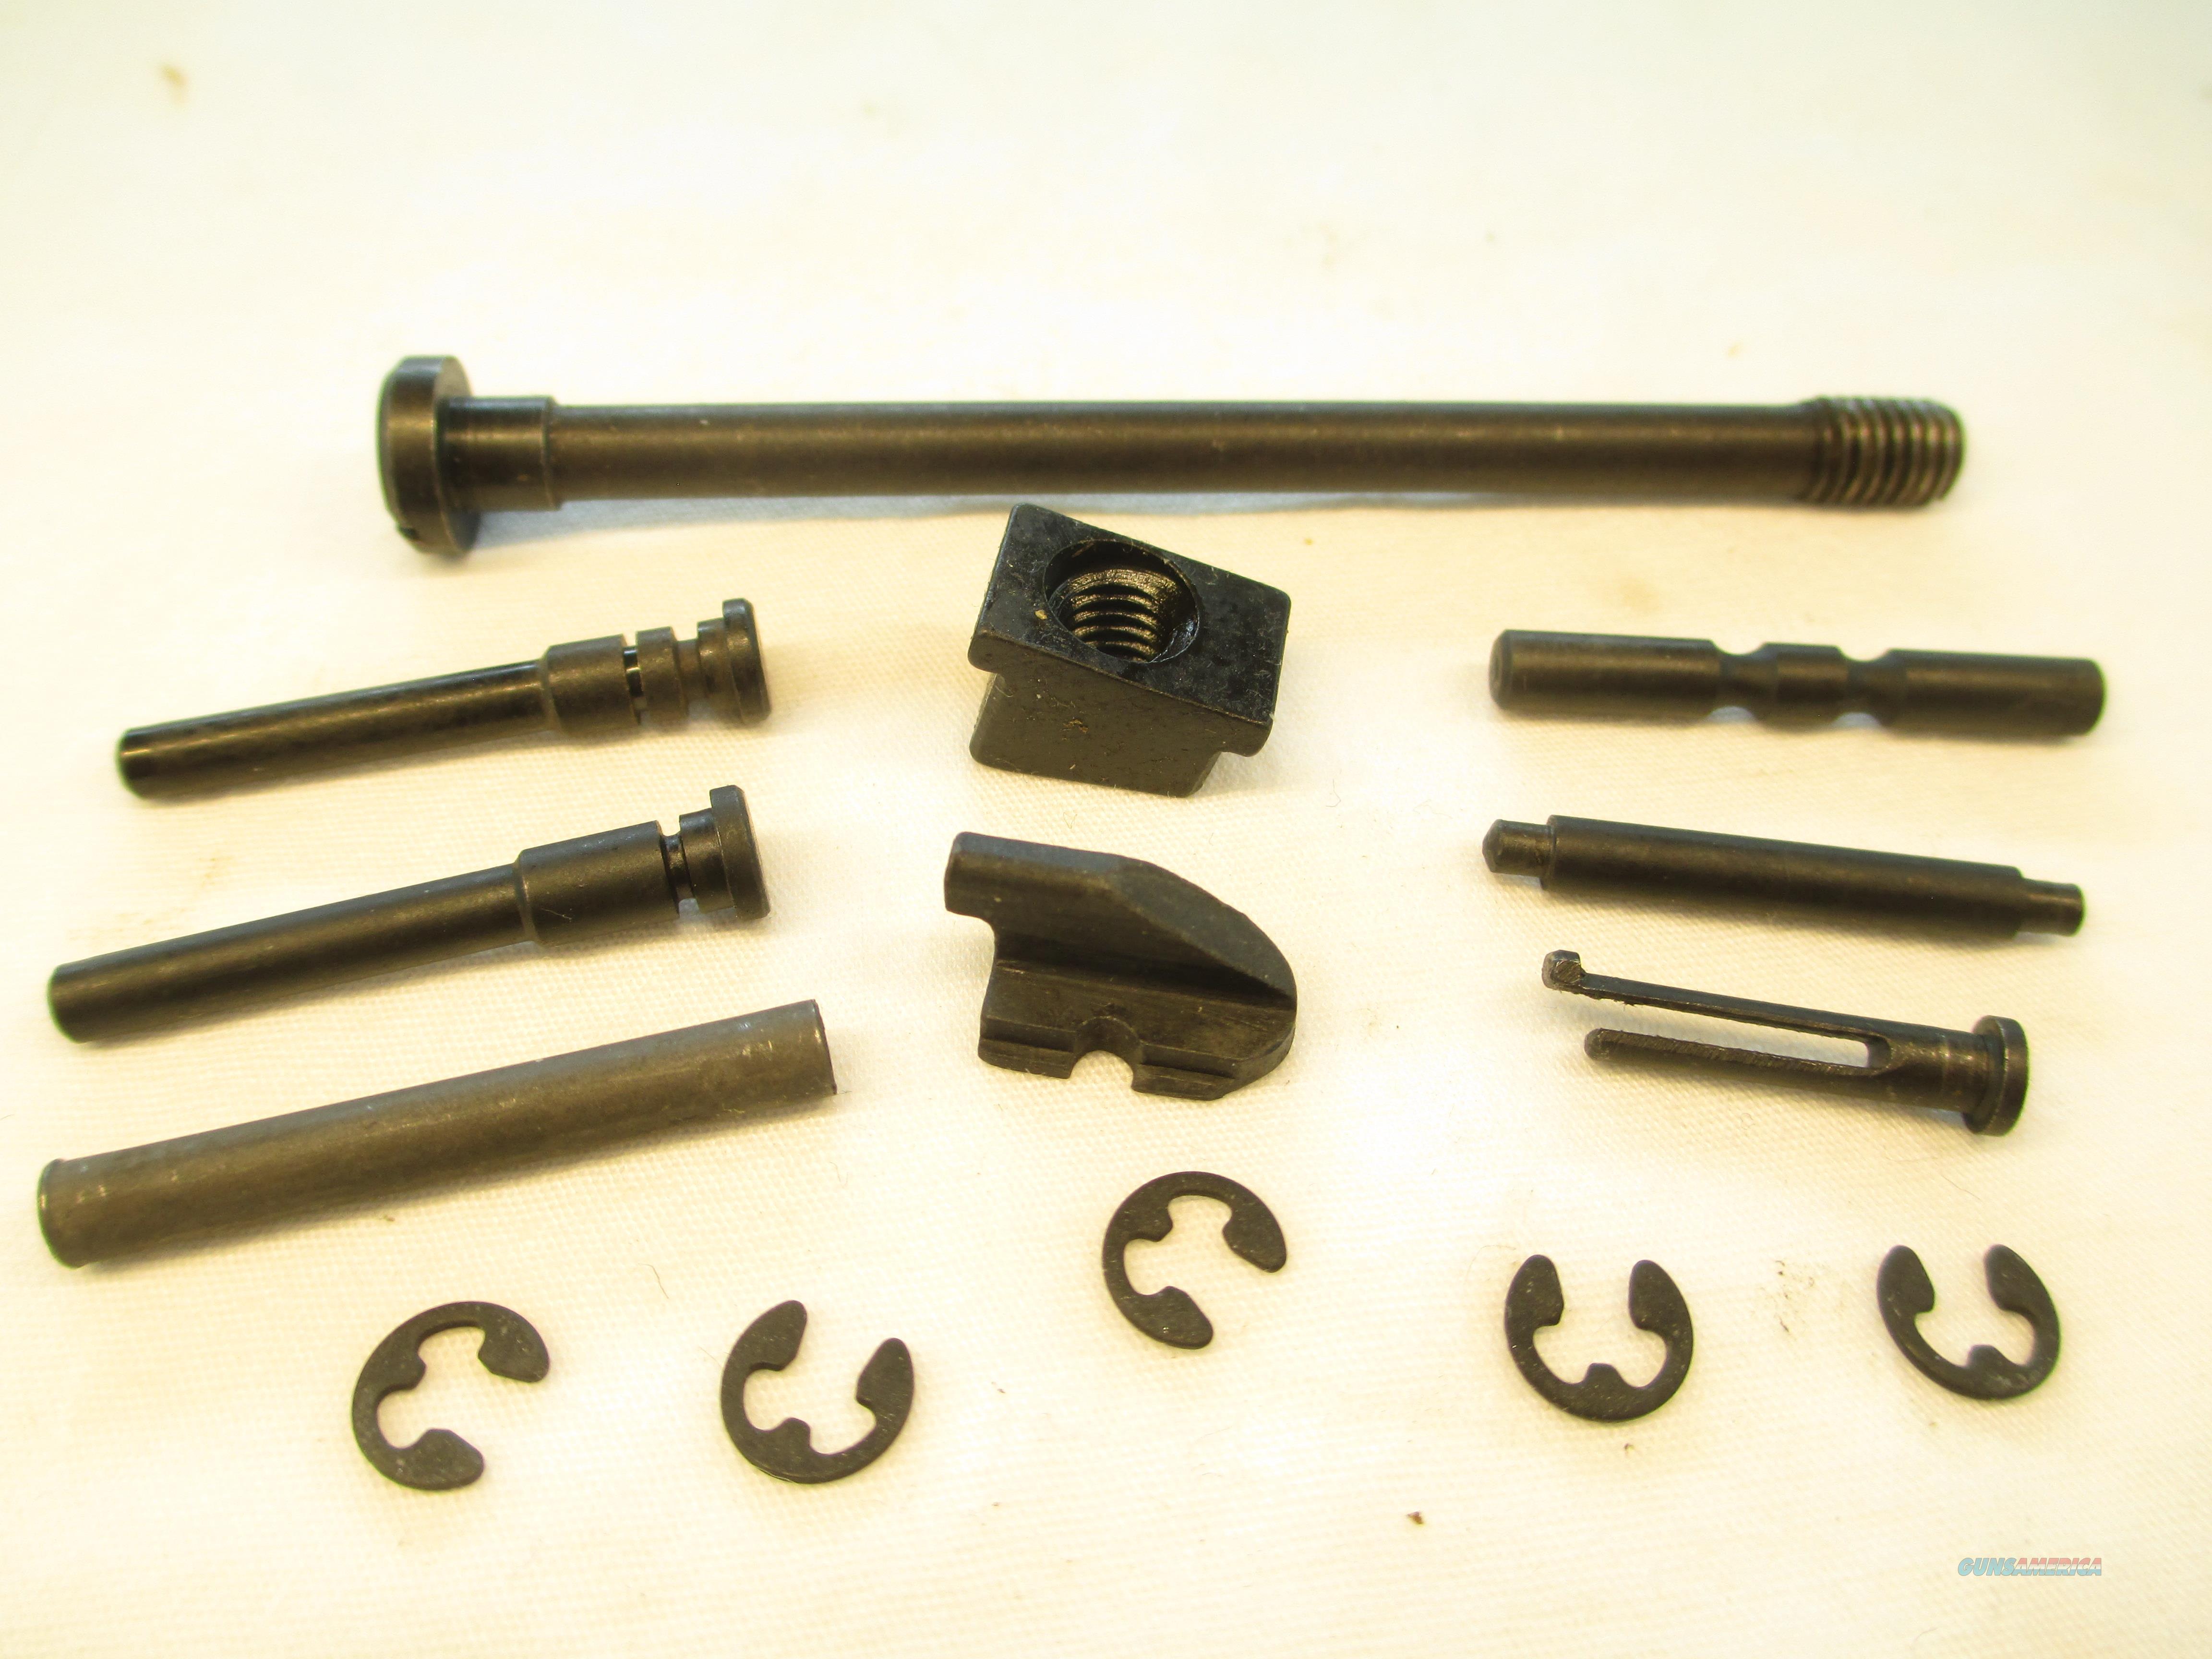 VZ58 RECIEVER PIN AND SPARE PARTS SET  Non-Guns > Gun Parts > Military - Foreign